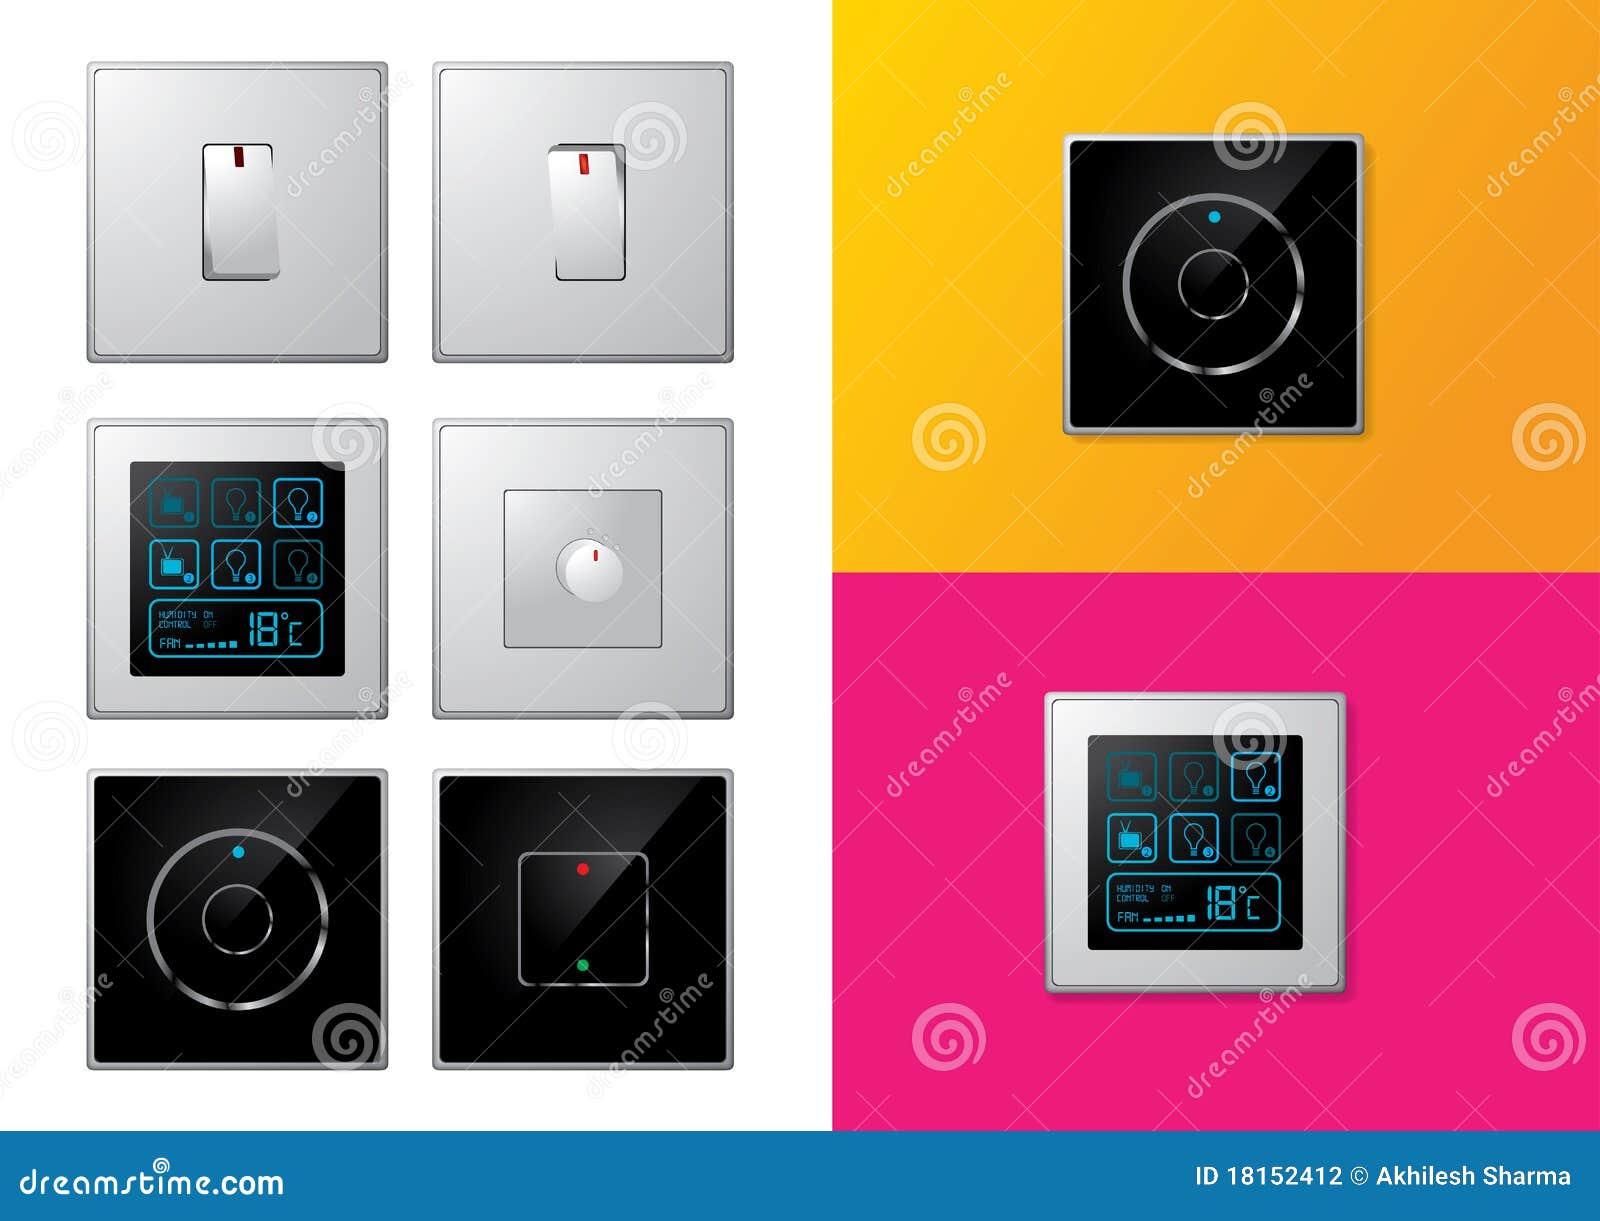 Insieme degli interruttori elettrici moderni fotografia - Interruttori elettrici vimar ...